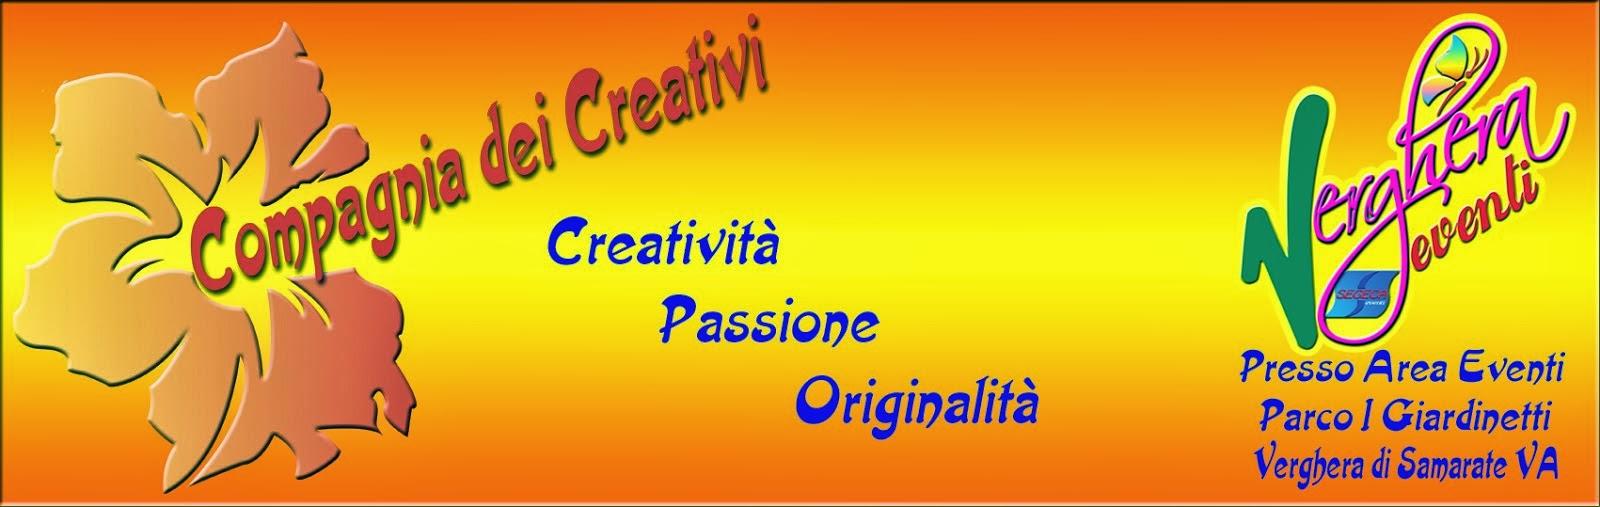 COMPAGNIA DEI CREATIVI